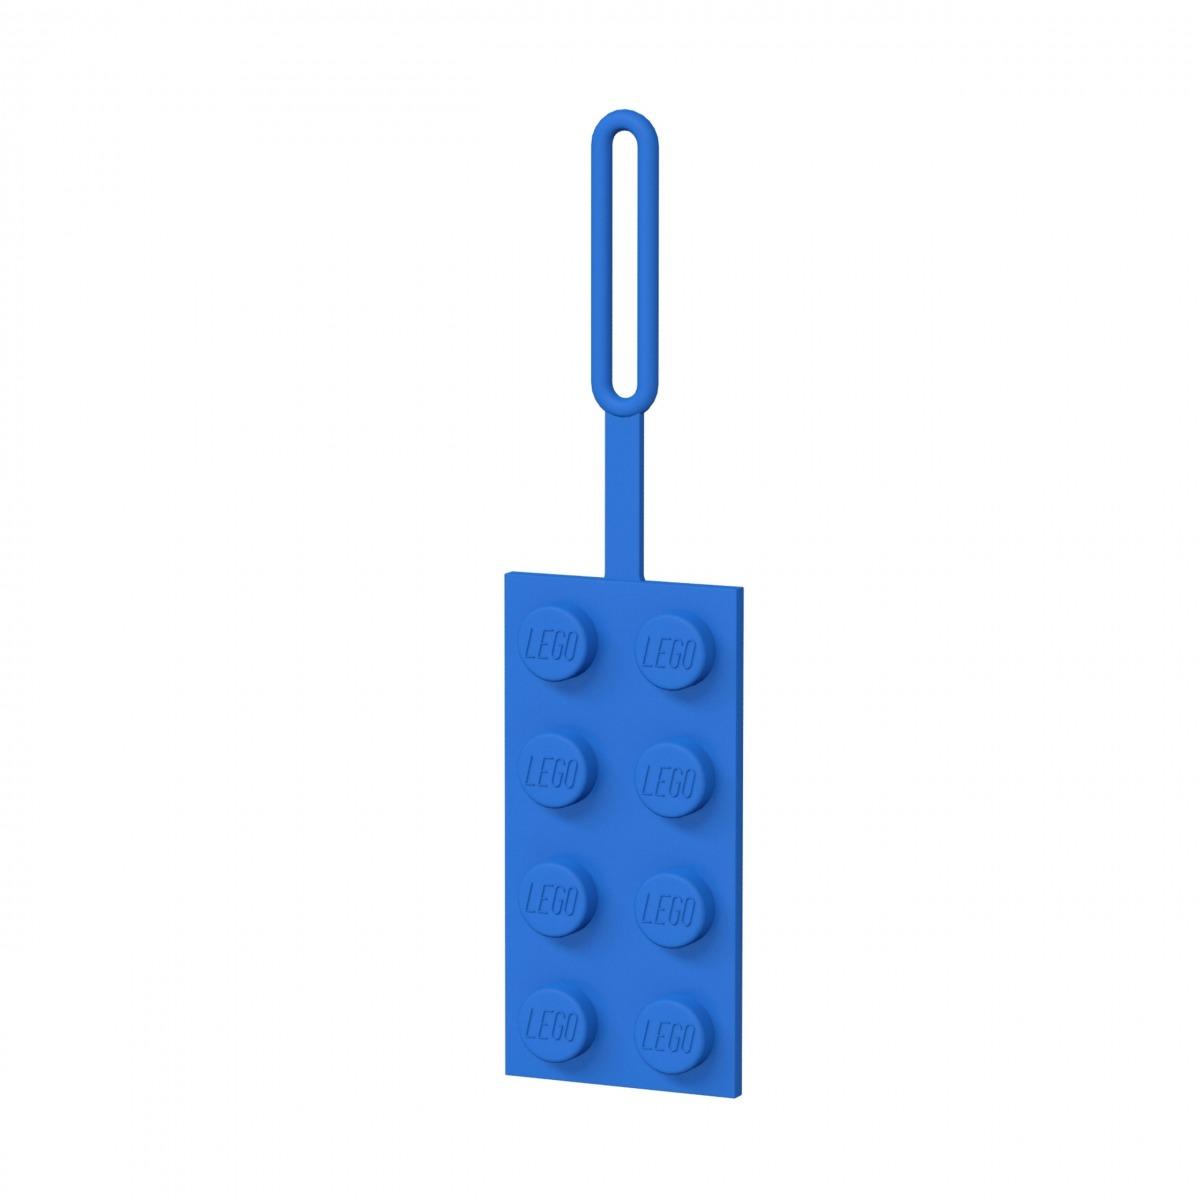 lego 5005543 etichetta per bagagli blu 2x4 scaled